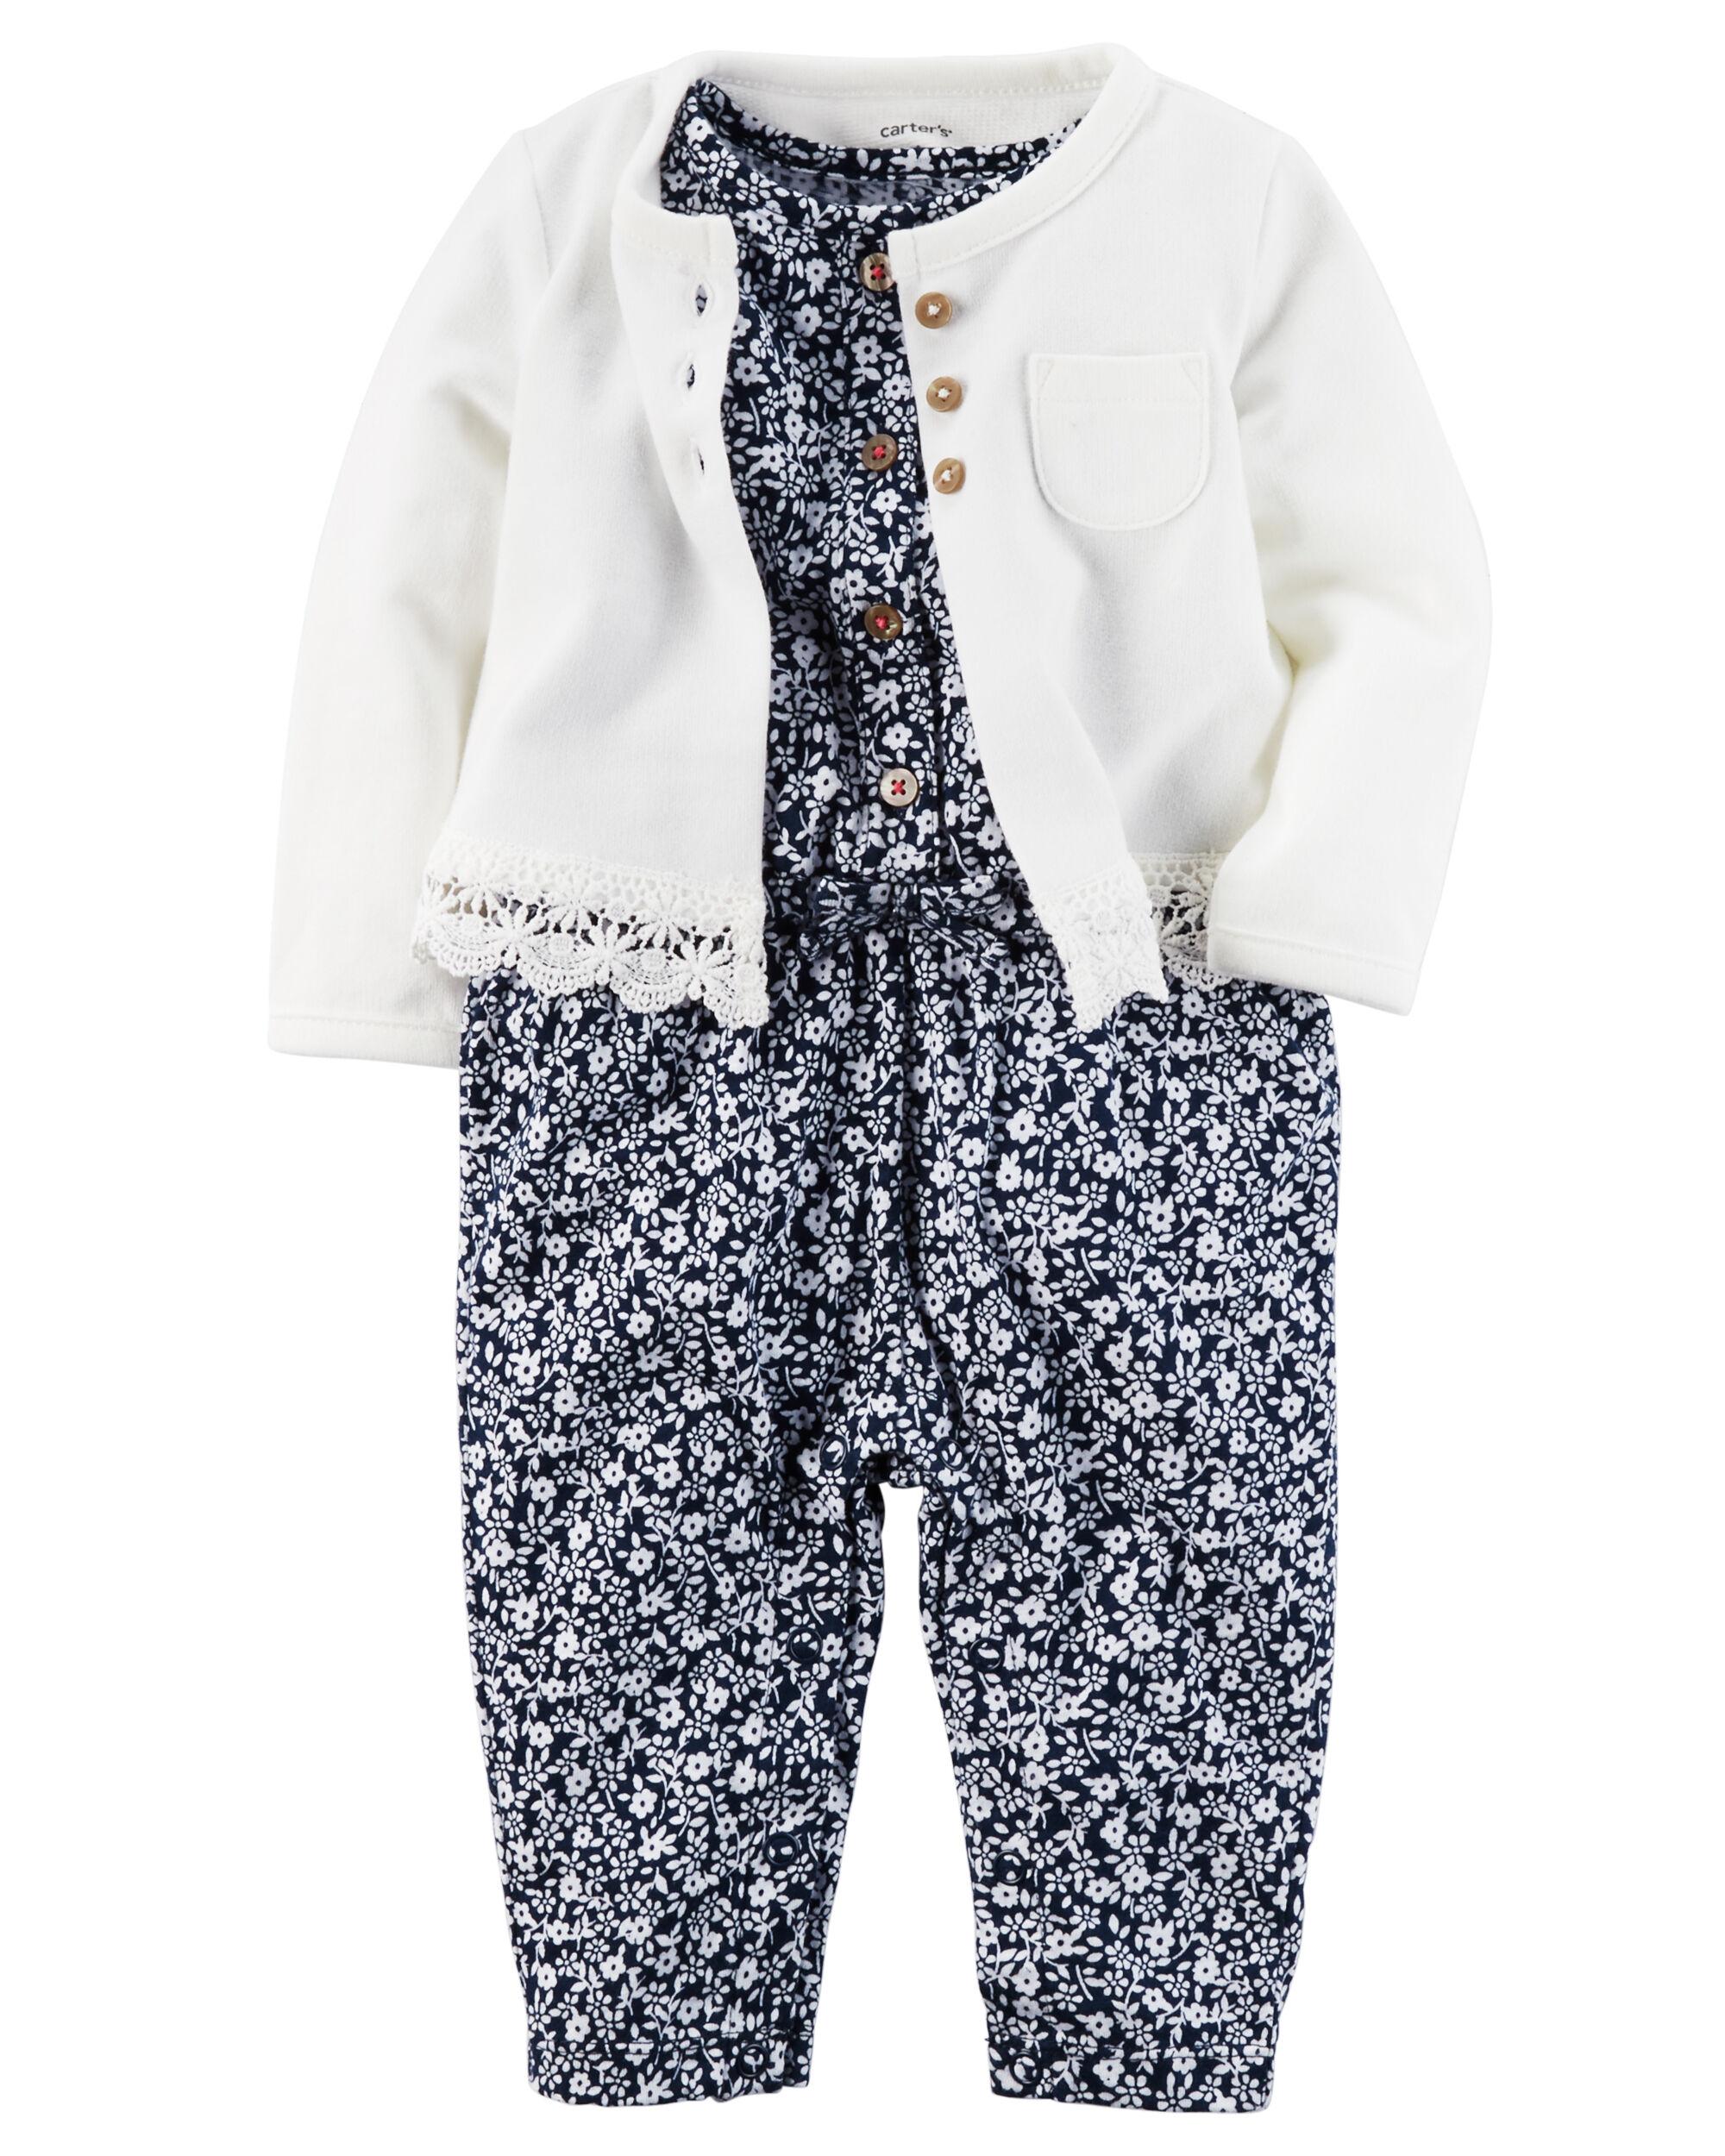 2 Piece Jumpsuit & Cardigan Set